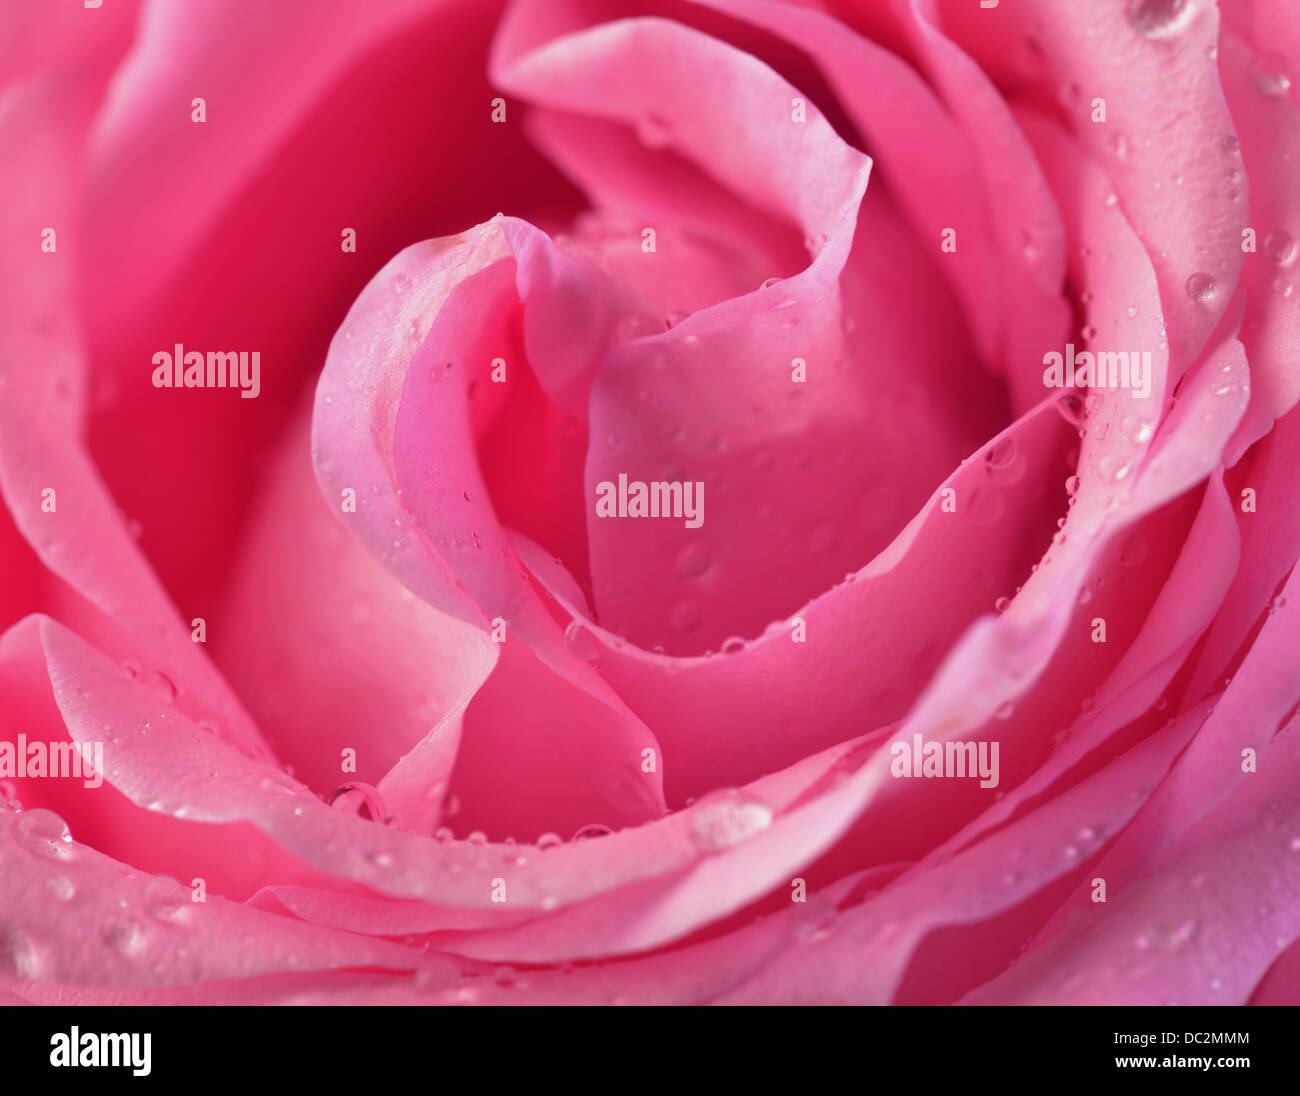 Rosa rosa bud macro con gocce d'acqua Immagini Stock